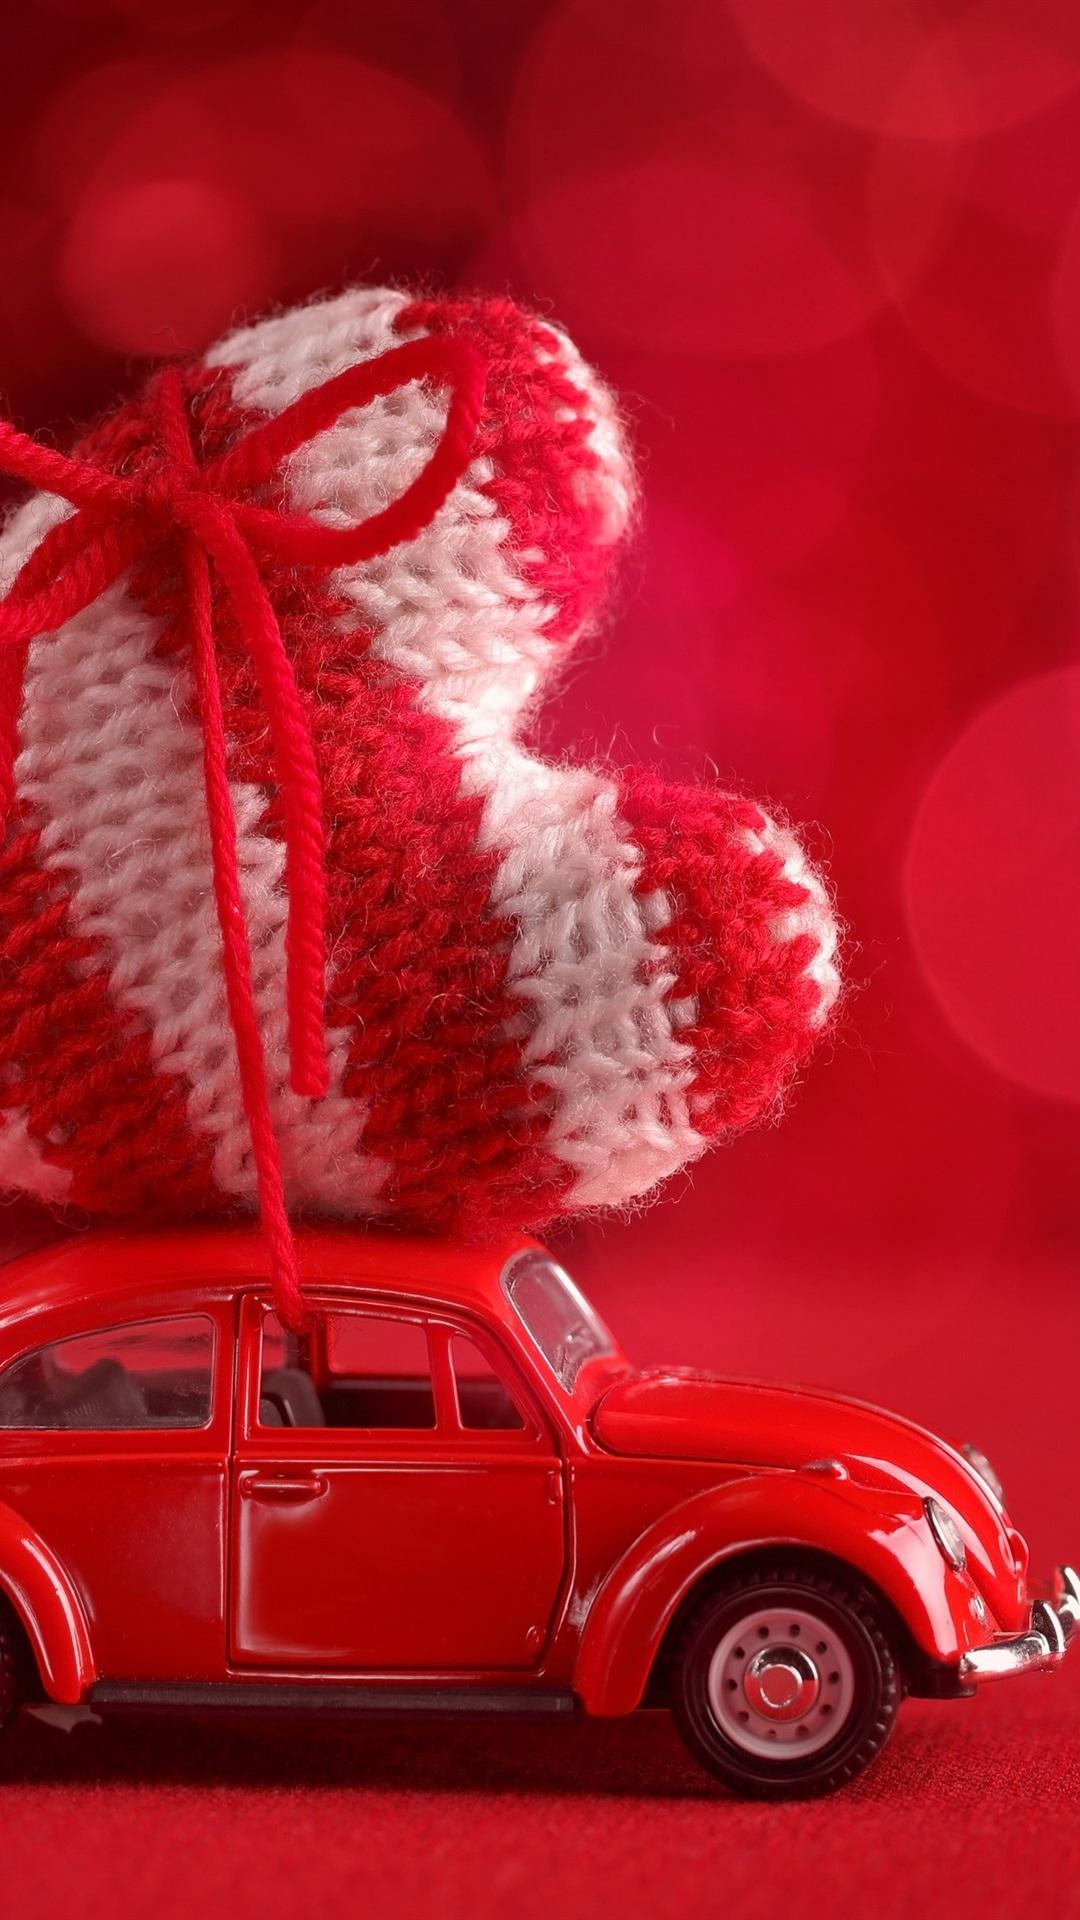 壁纸 红车,大爱心,散景 3840x2160 UHD 4K 高清壁纸, 图片, 照片